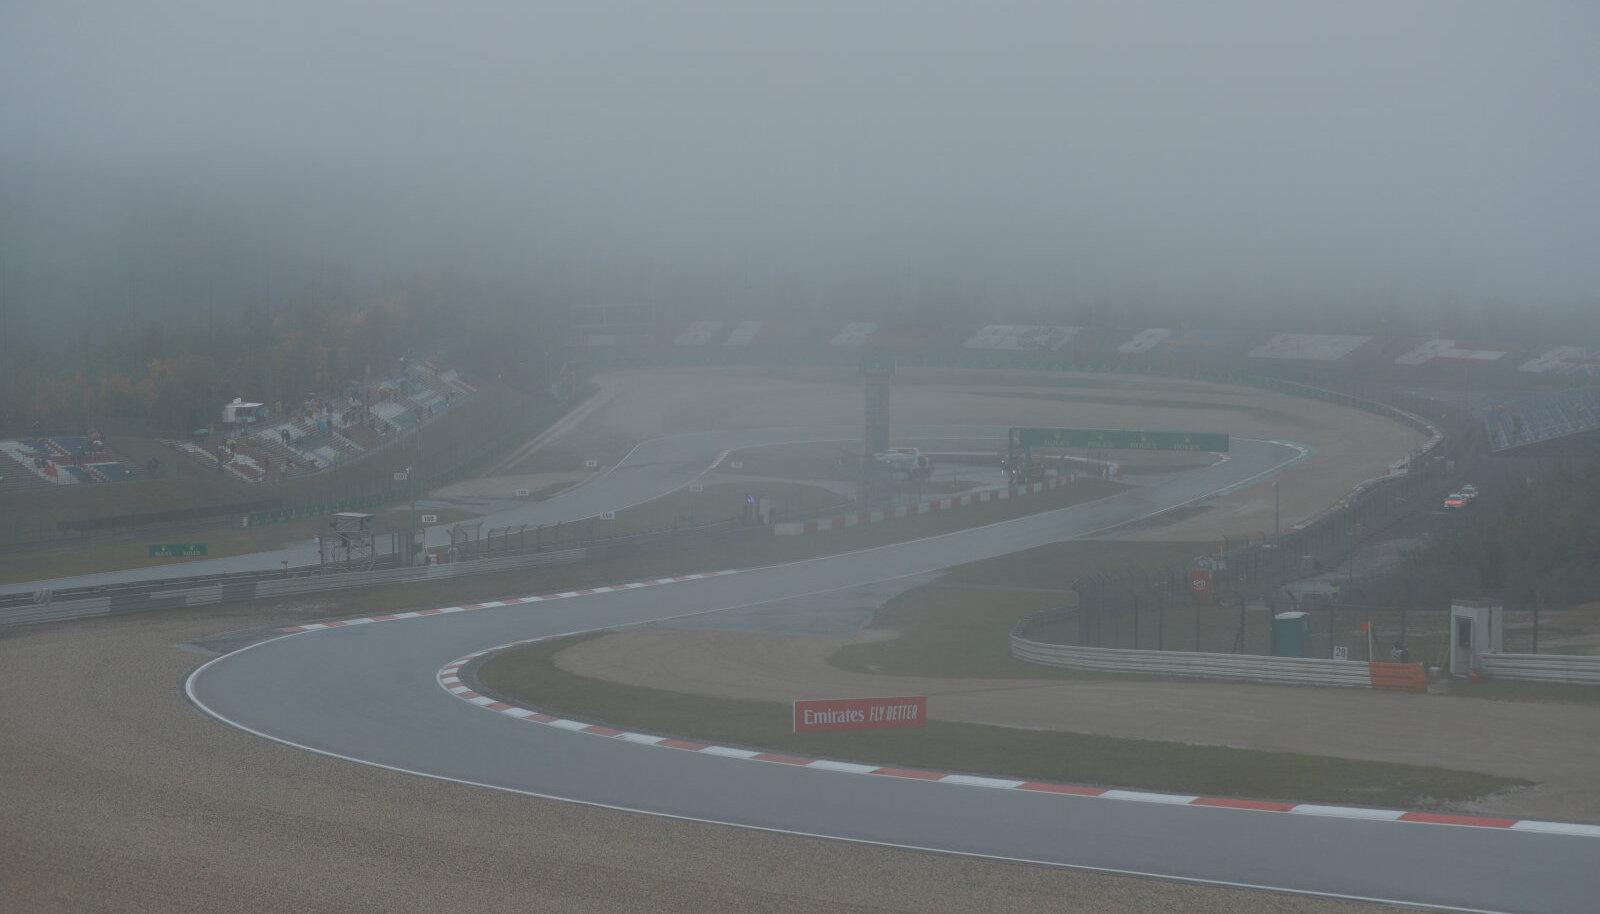 Selline on hetkeseis Nürburgringil